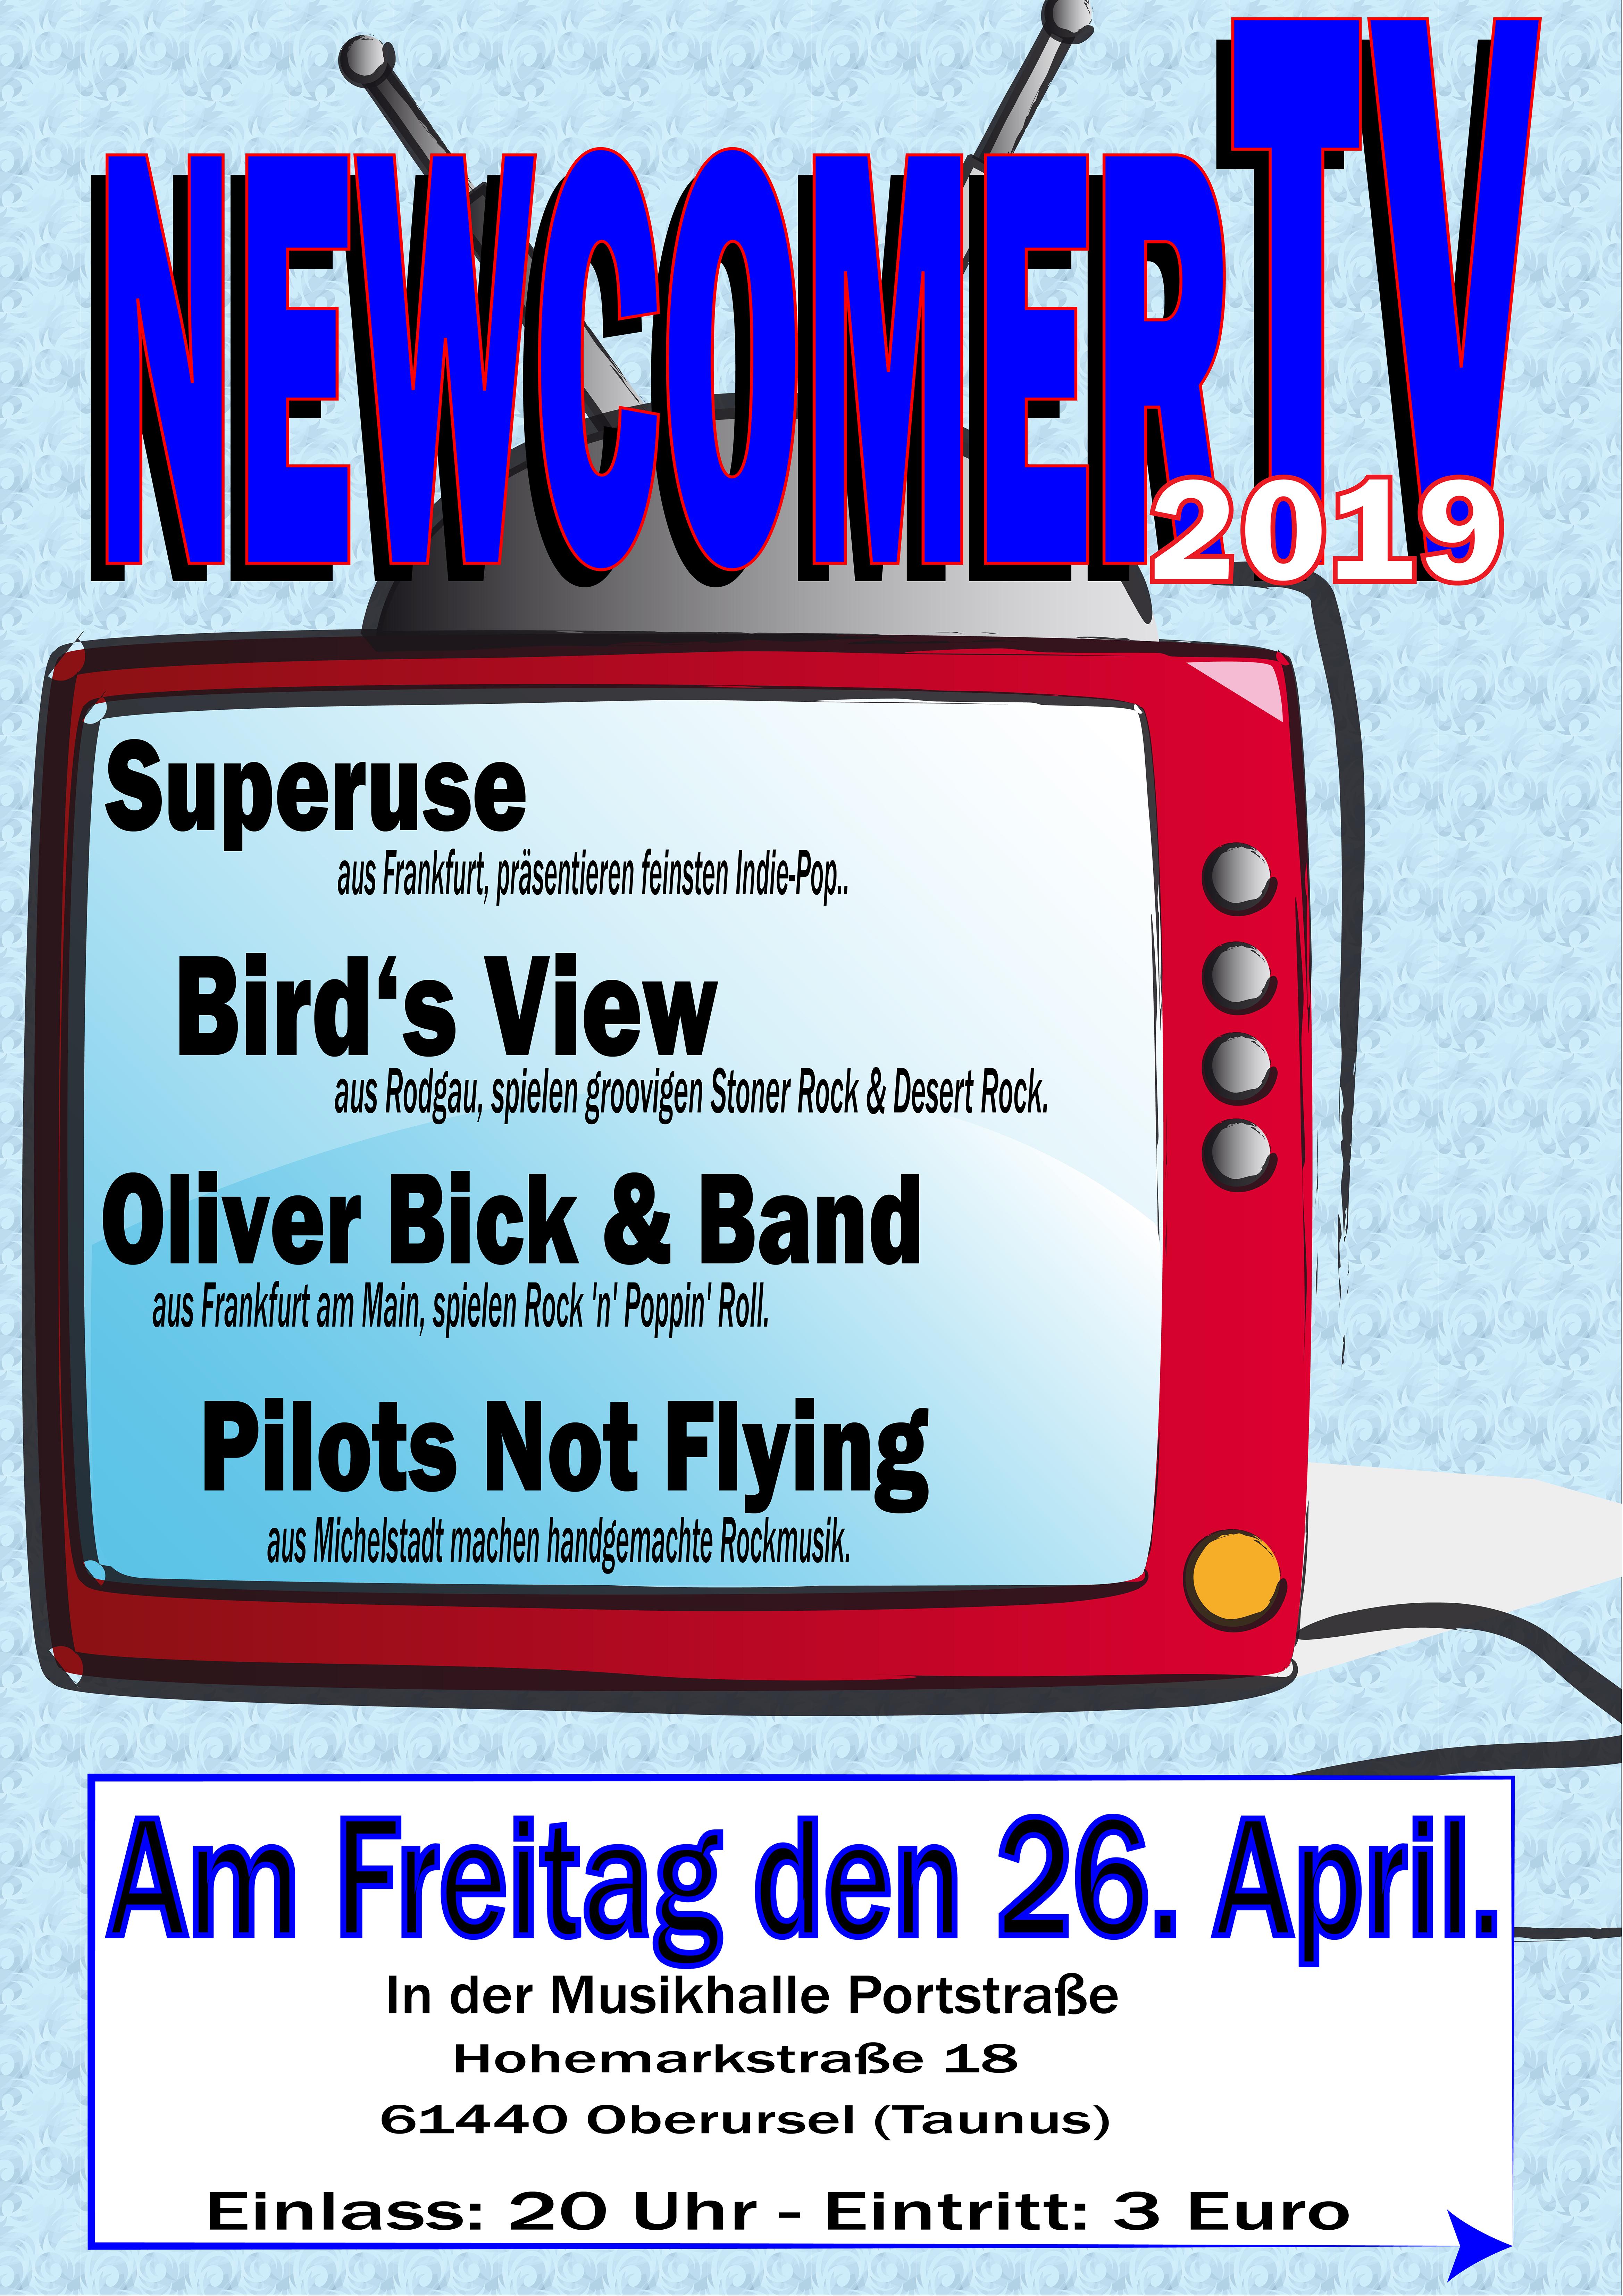 Die zweite NewcomerTV Nacht 2019, in der Musikhalle Portstrasse.